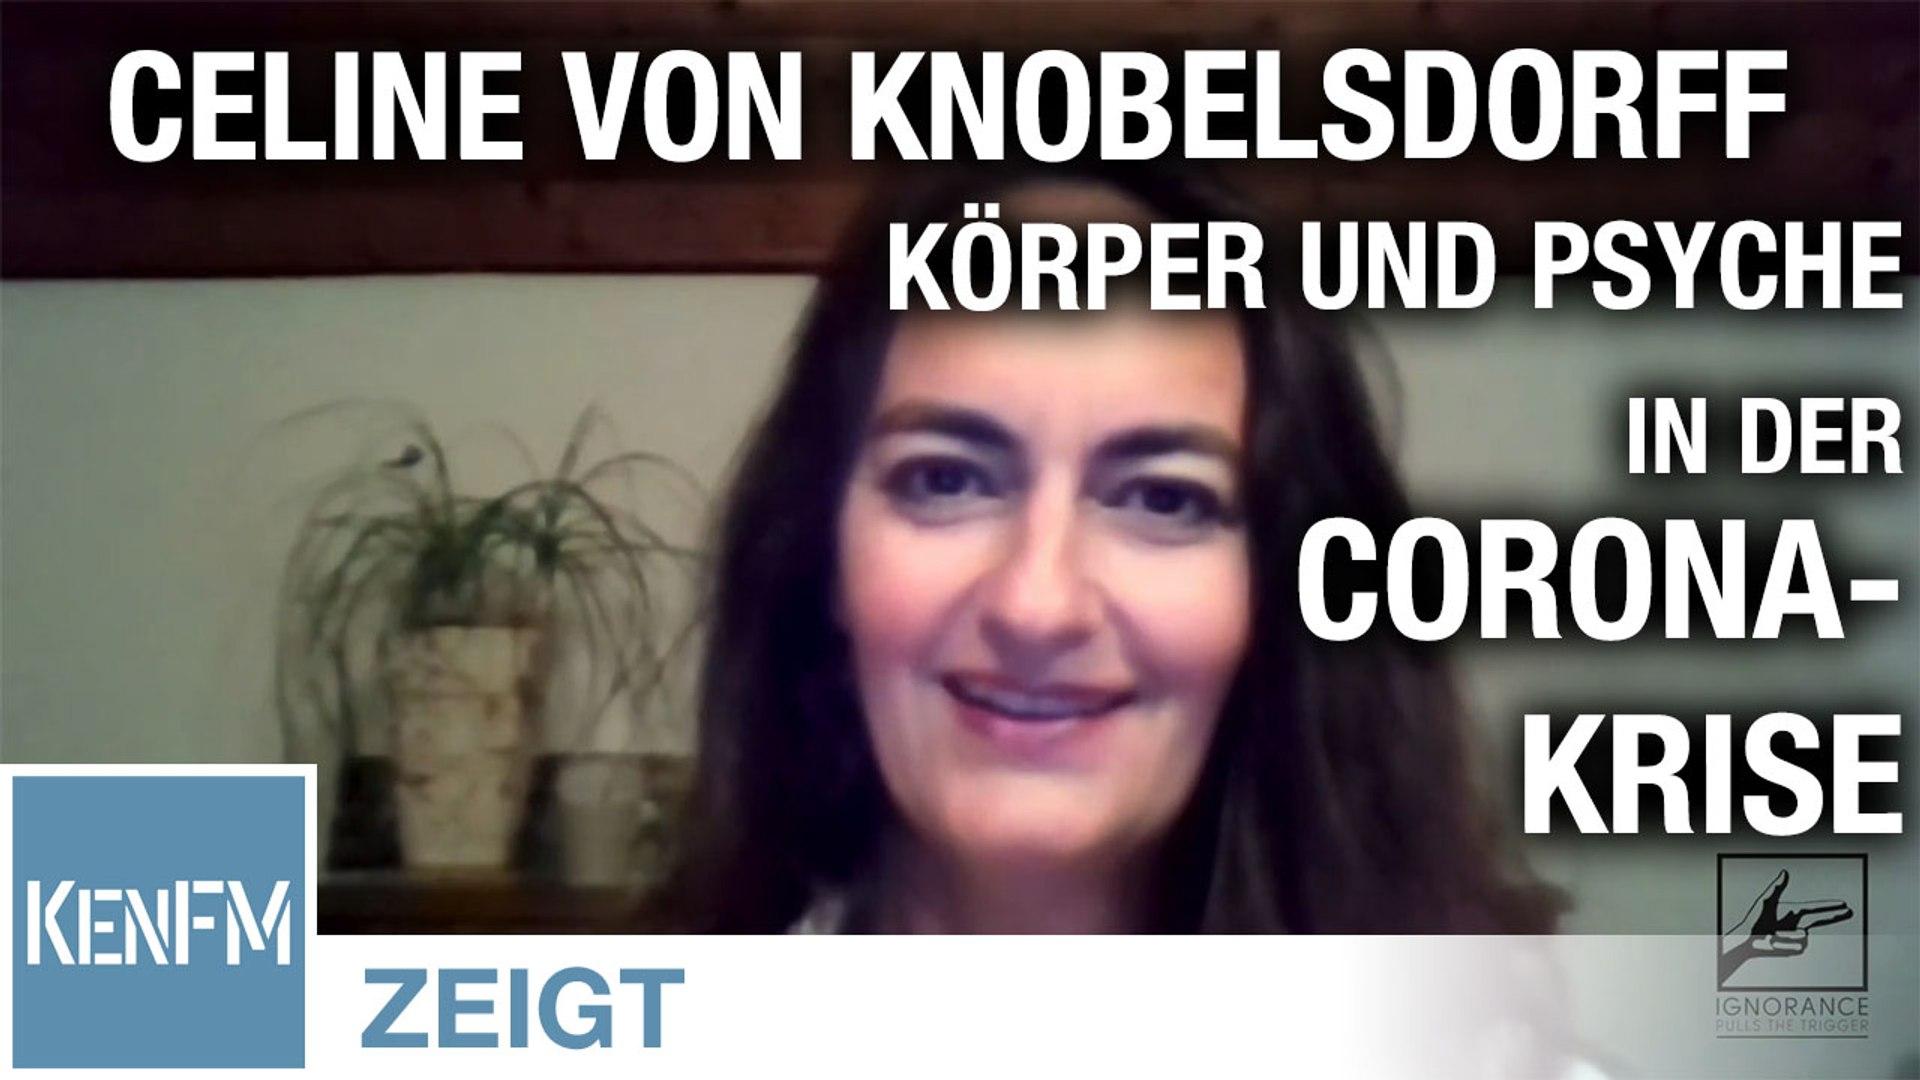 Auswirkungen der Corona-Krise auf Körper und Psyche: Im Gespräch mit Celine von Knobelsdorff